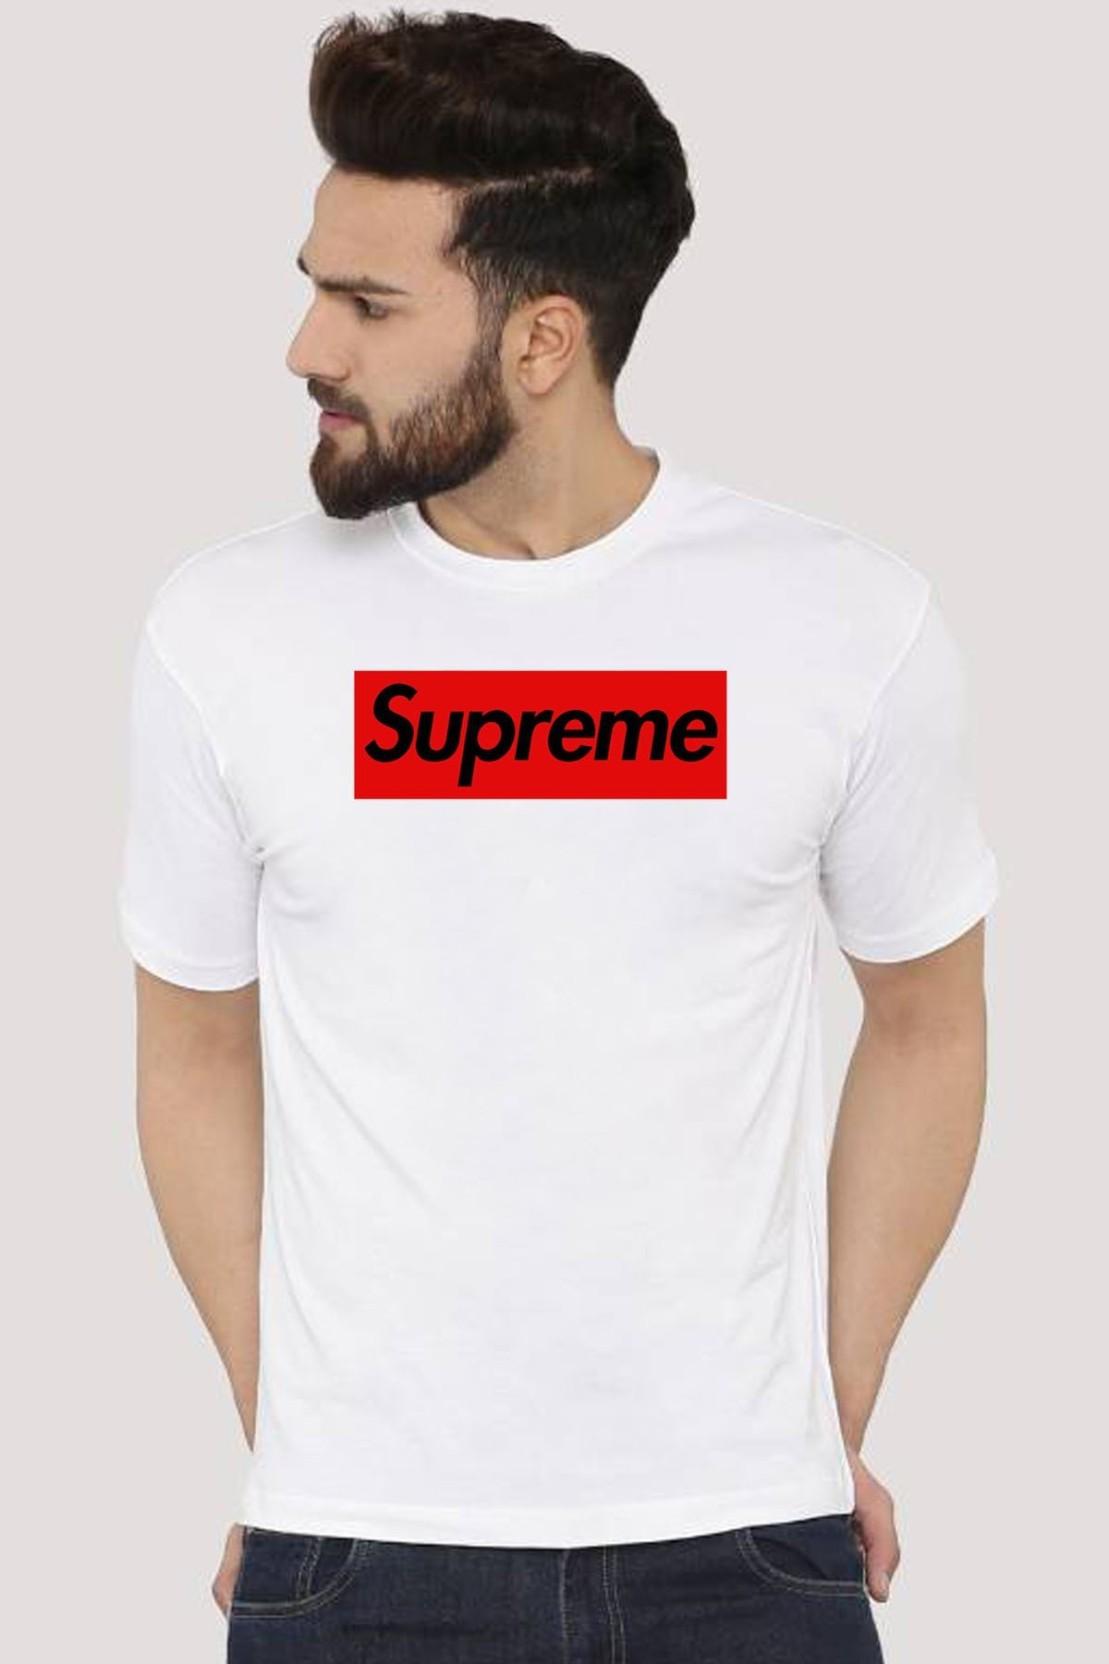 fc8b31e32164 Supreme Graphic Print Men Round Neck White T-Shirt - Buy Supreme ...